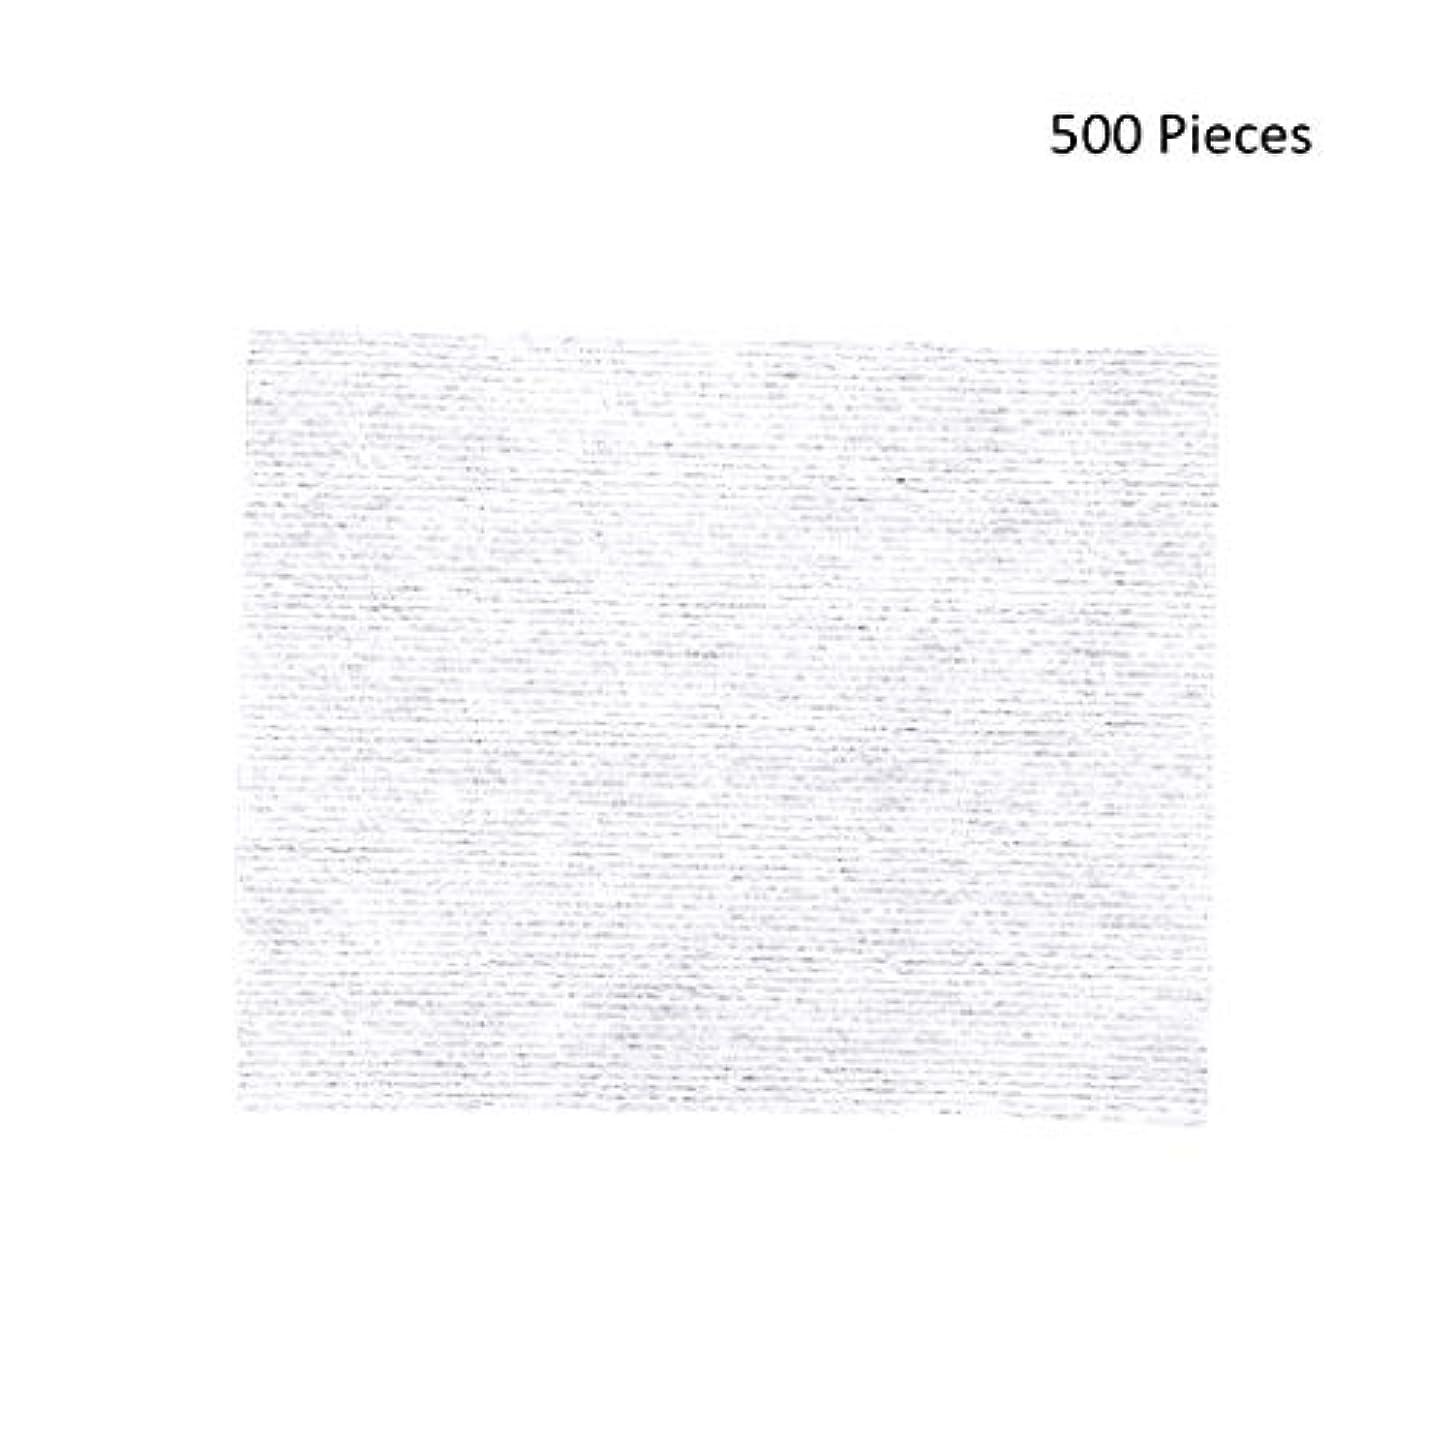 癌近々発動機化粧パッド 500ピース化粧拭きコットンパッドメイク落としパッドソフトパッド化粧品フェイスマスククレンジングケアフェイシャルナプキンコットン メイク落とし化粧パッド (Color : White, サイズ : 6*5cm)